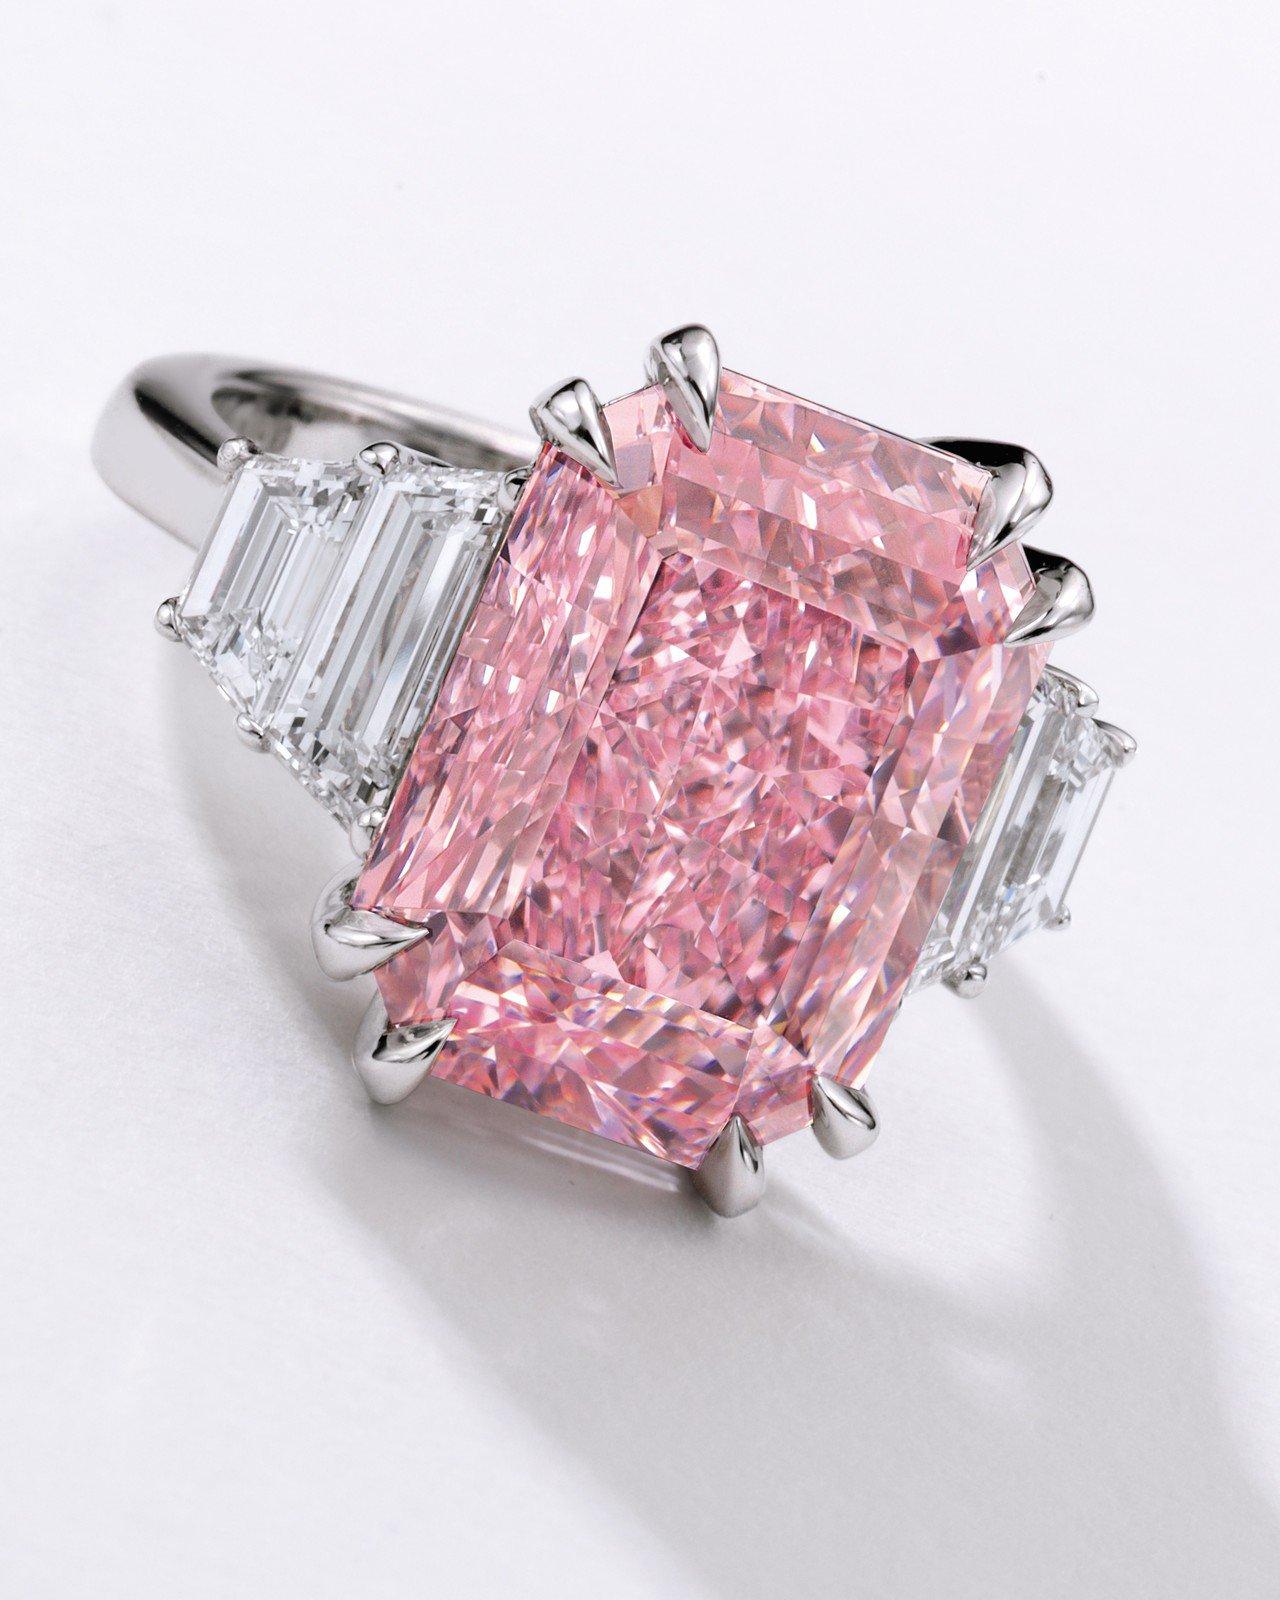 香港蘇富比秋拍珠寶類領拍的為一枚10.64卡拉艷彩紫粉紅色內部無瑕鑽石戒指,估價...